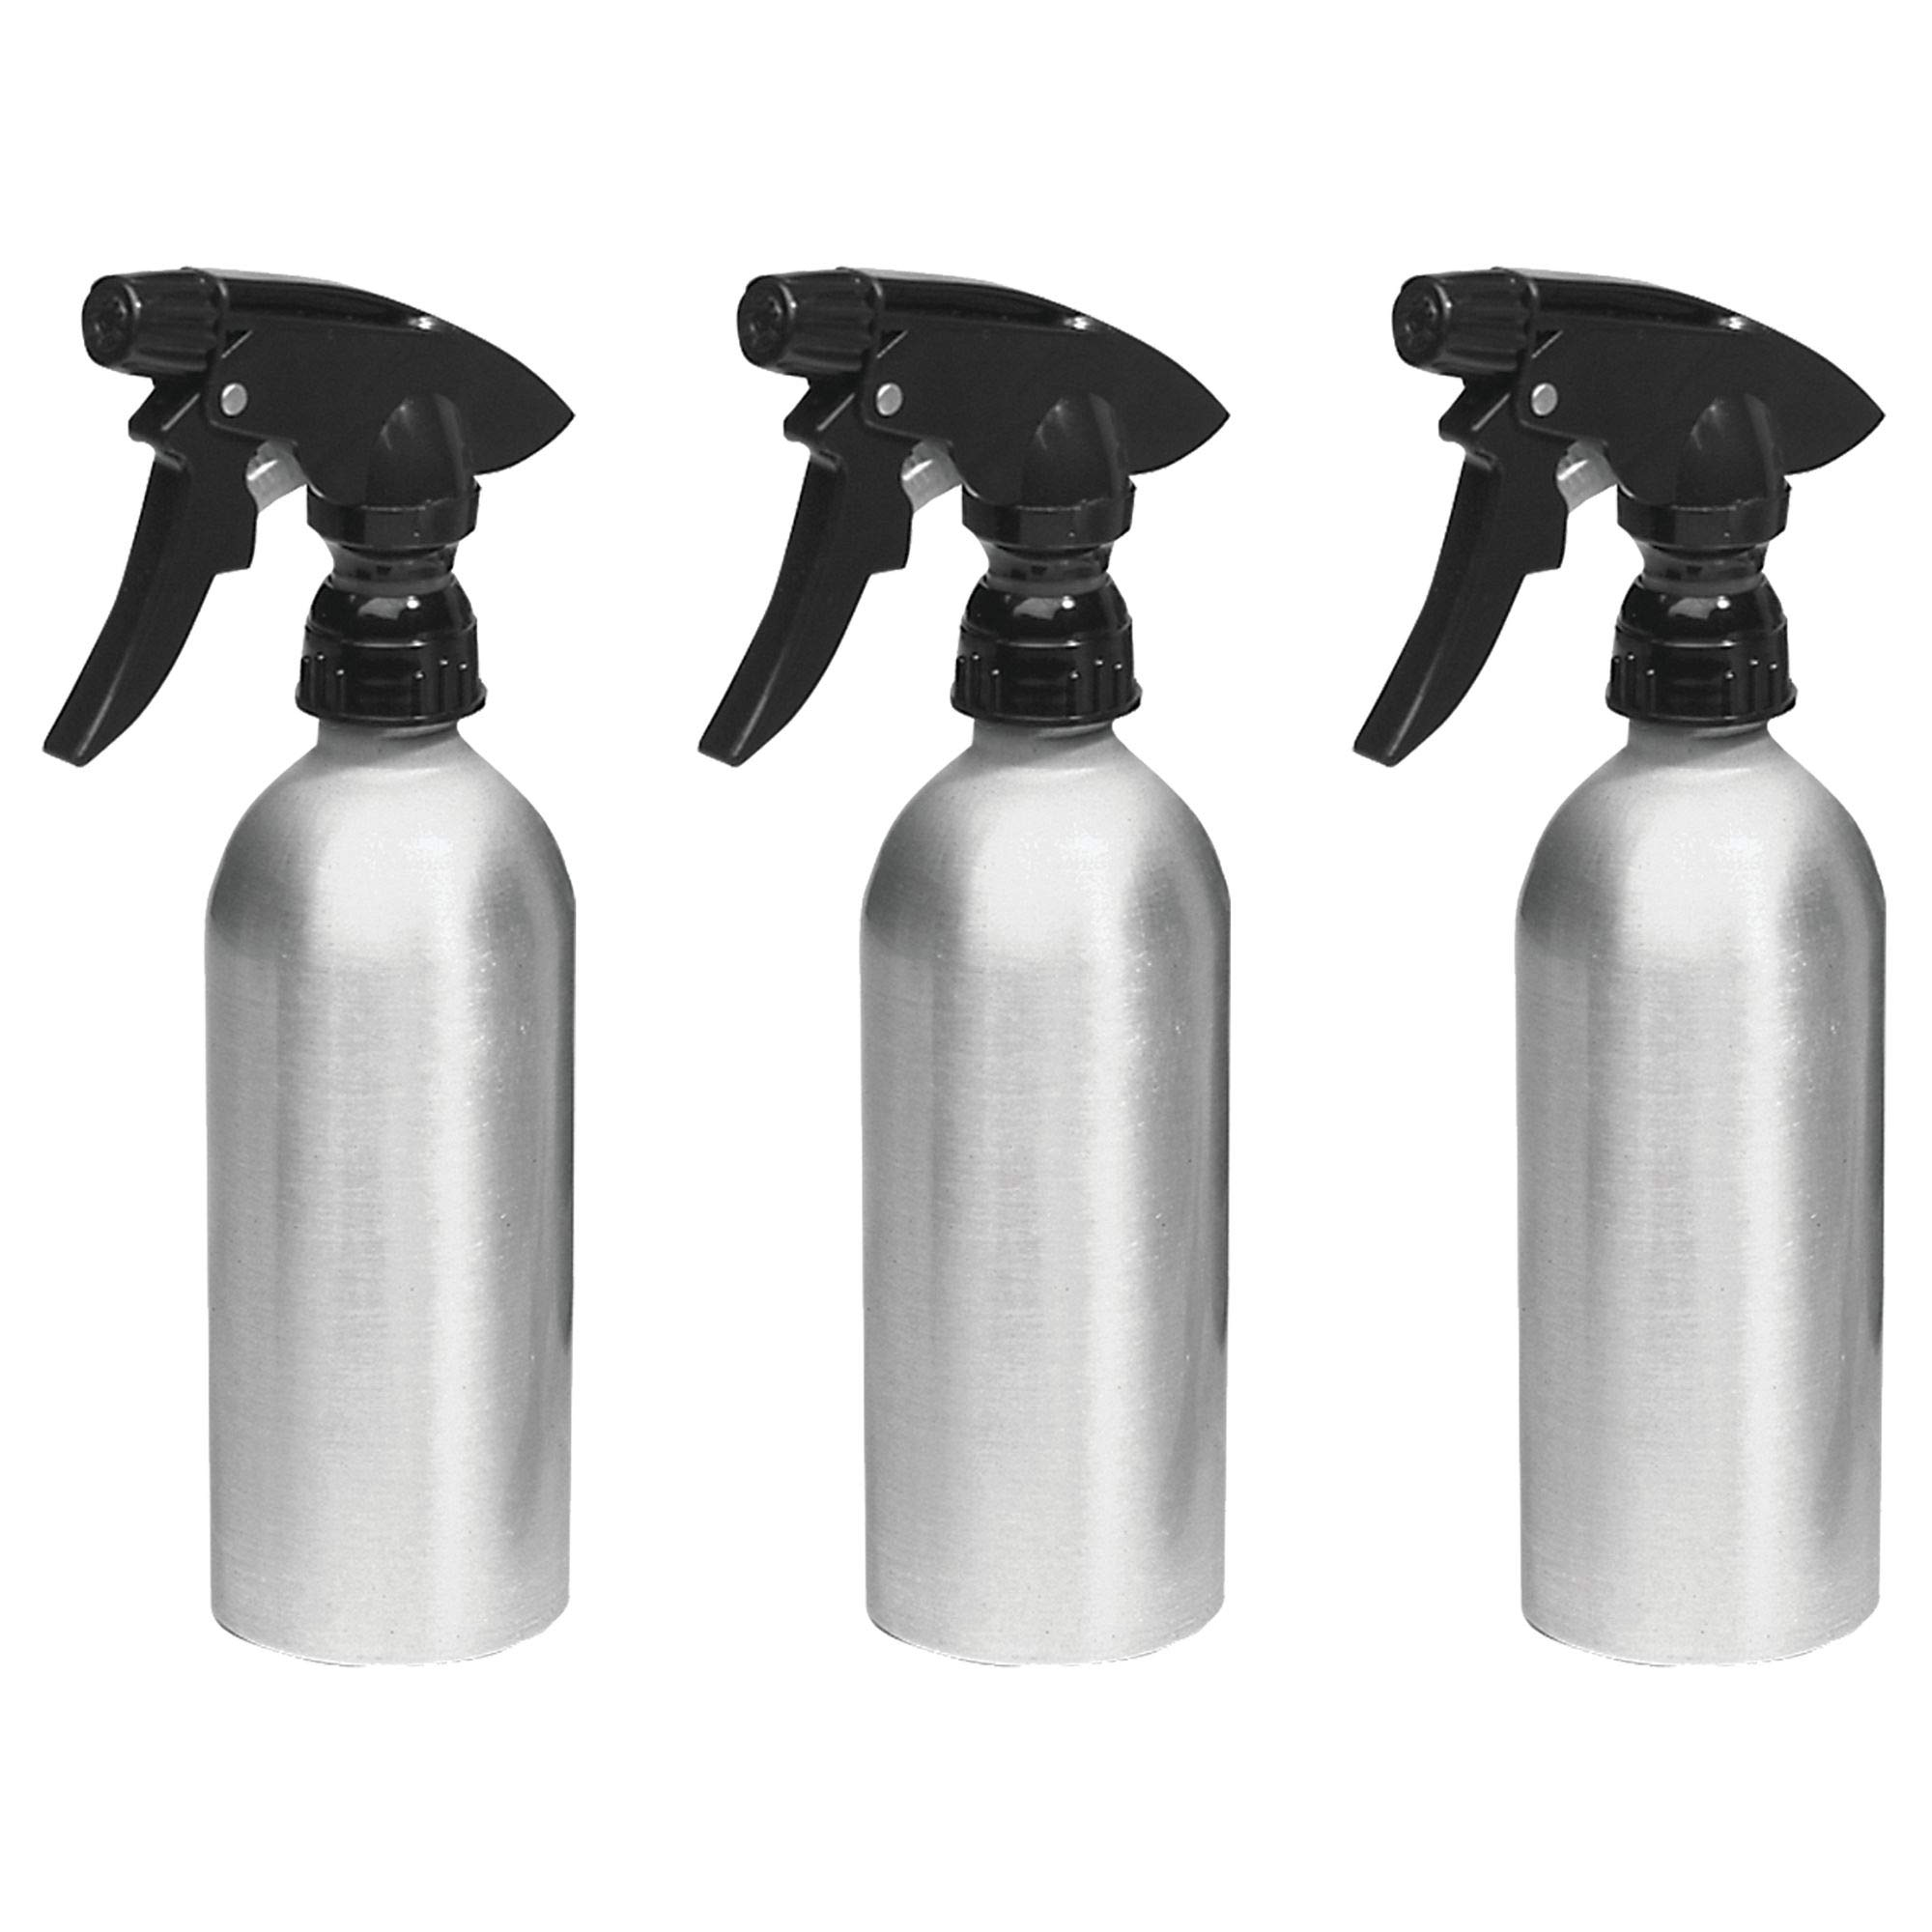 mDesign Rustproof Aluminum Spray Bottles, Trigger - Pack of 3, 12-oz, Brushed/Black